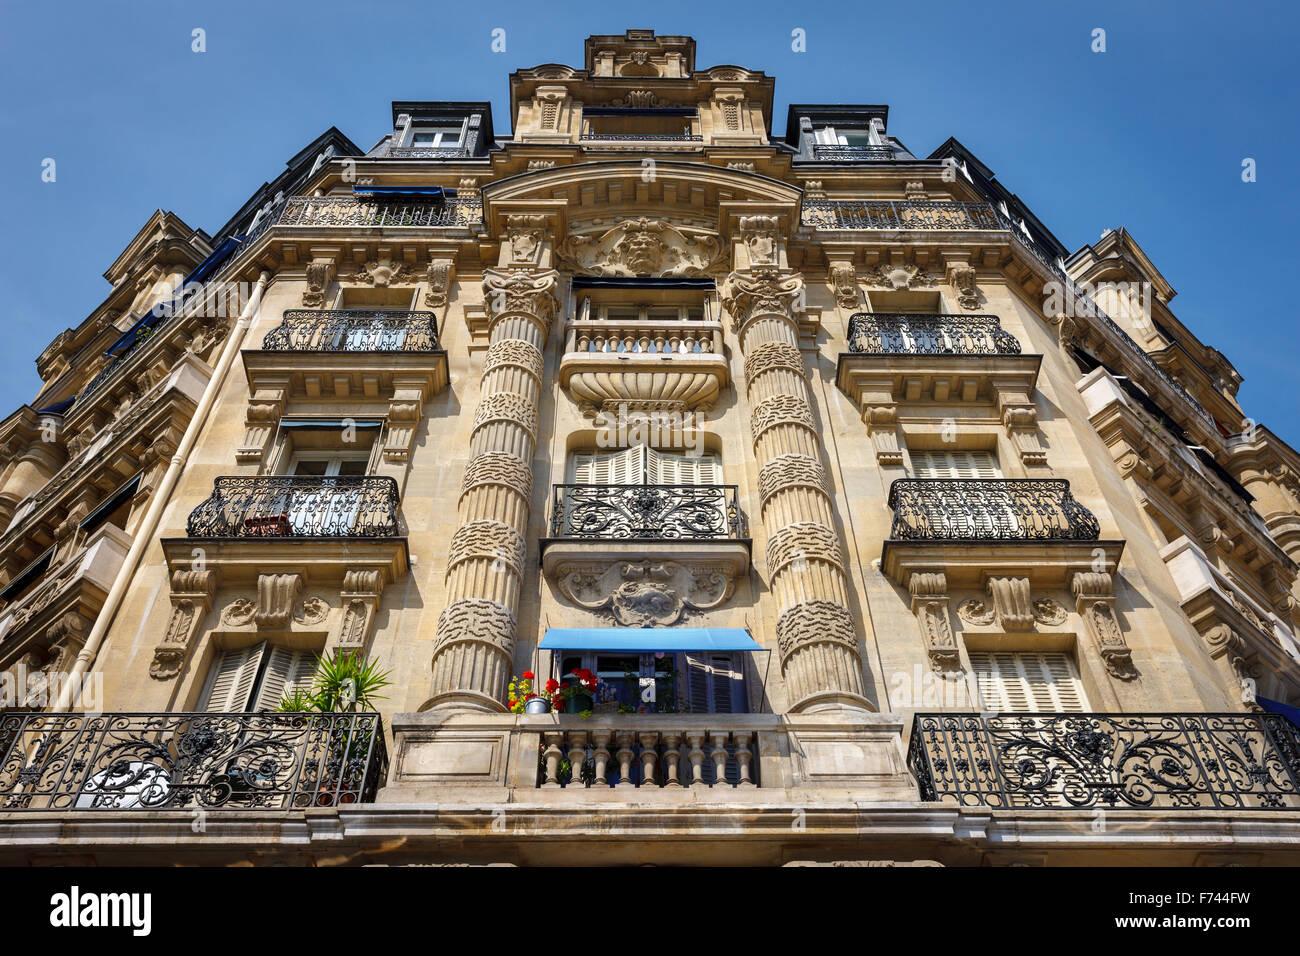 Architektur: Haussmannschen Fassade und Ornamente im 12. Arrondissement, Rechte Bank Stockbild